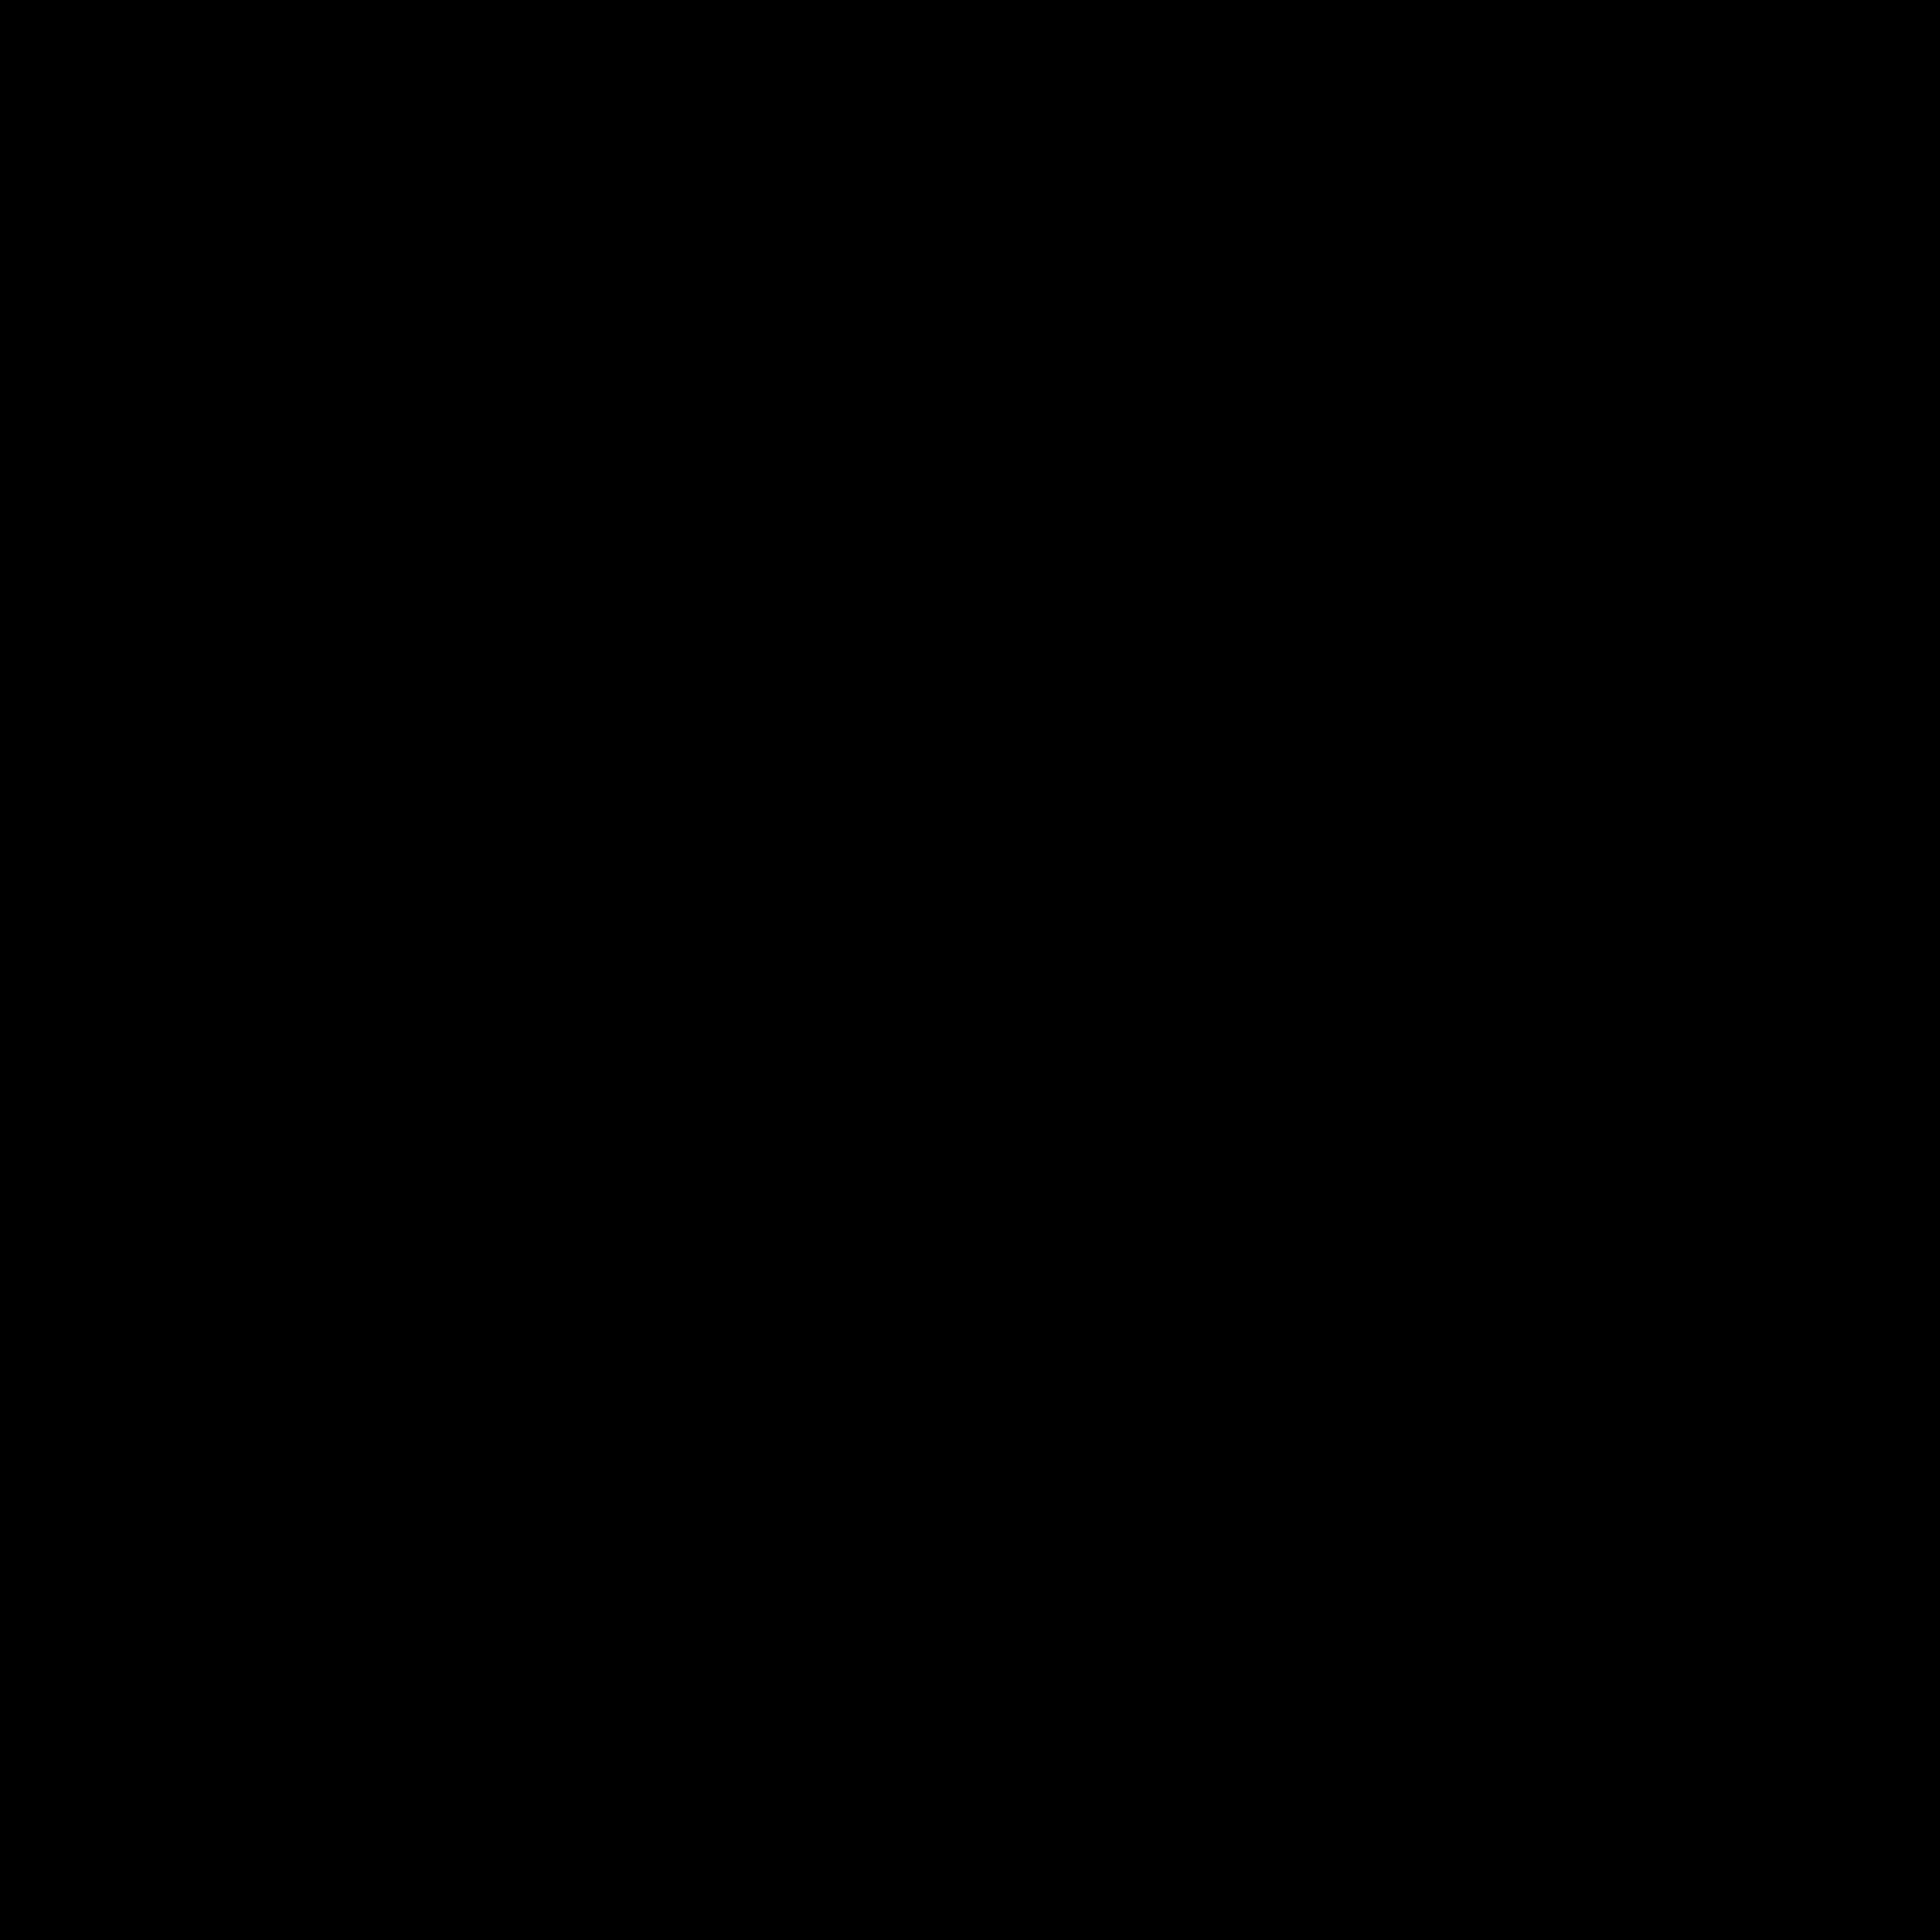 la-roche-posay-logo-png-transparent.png